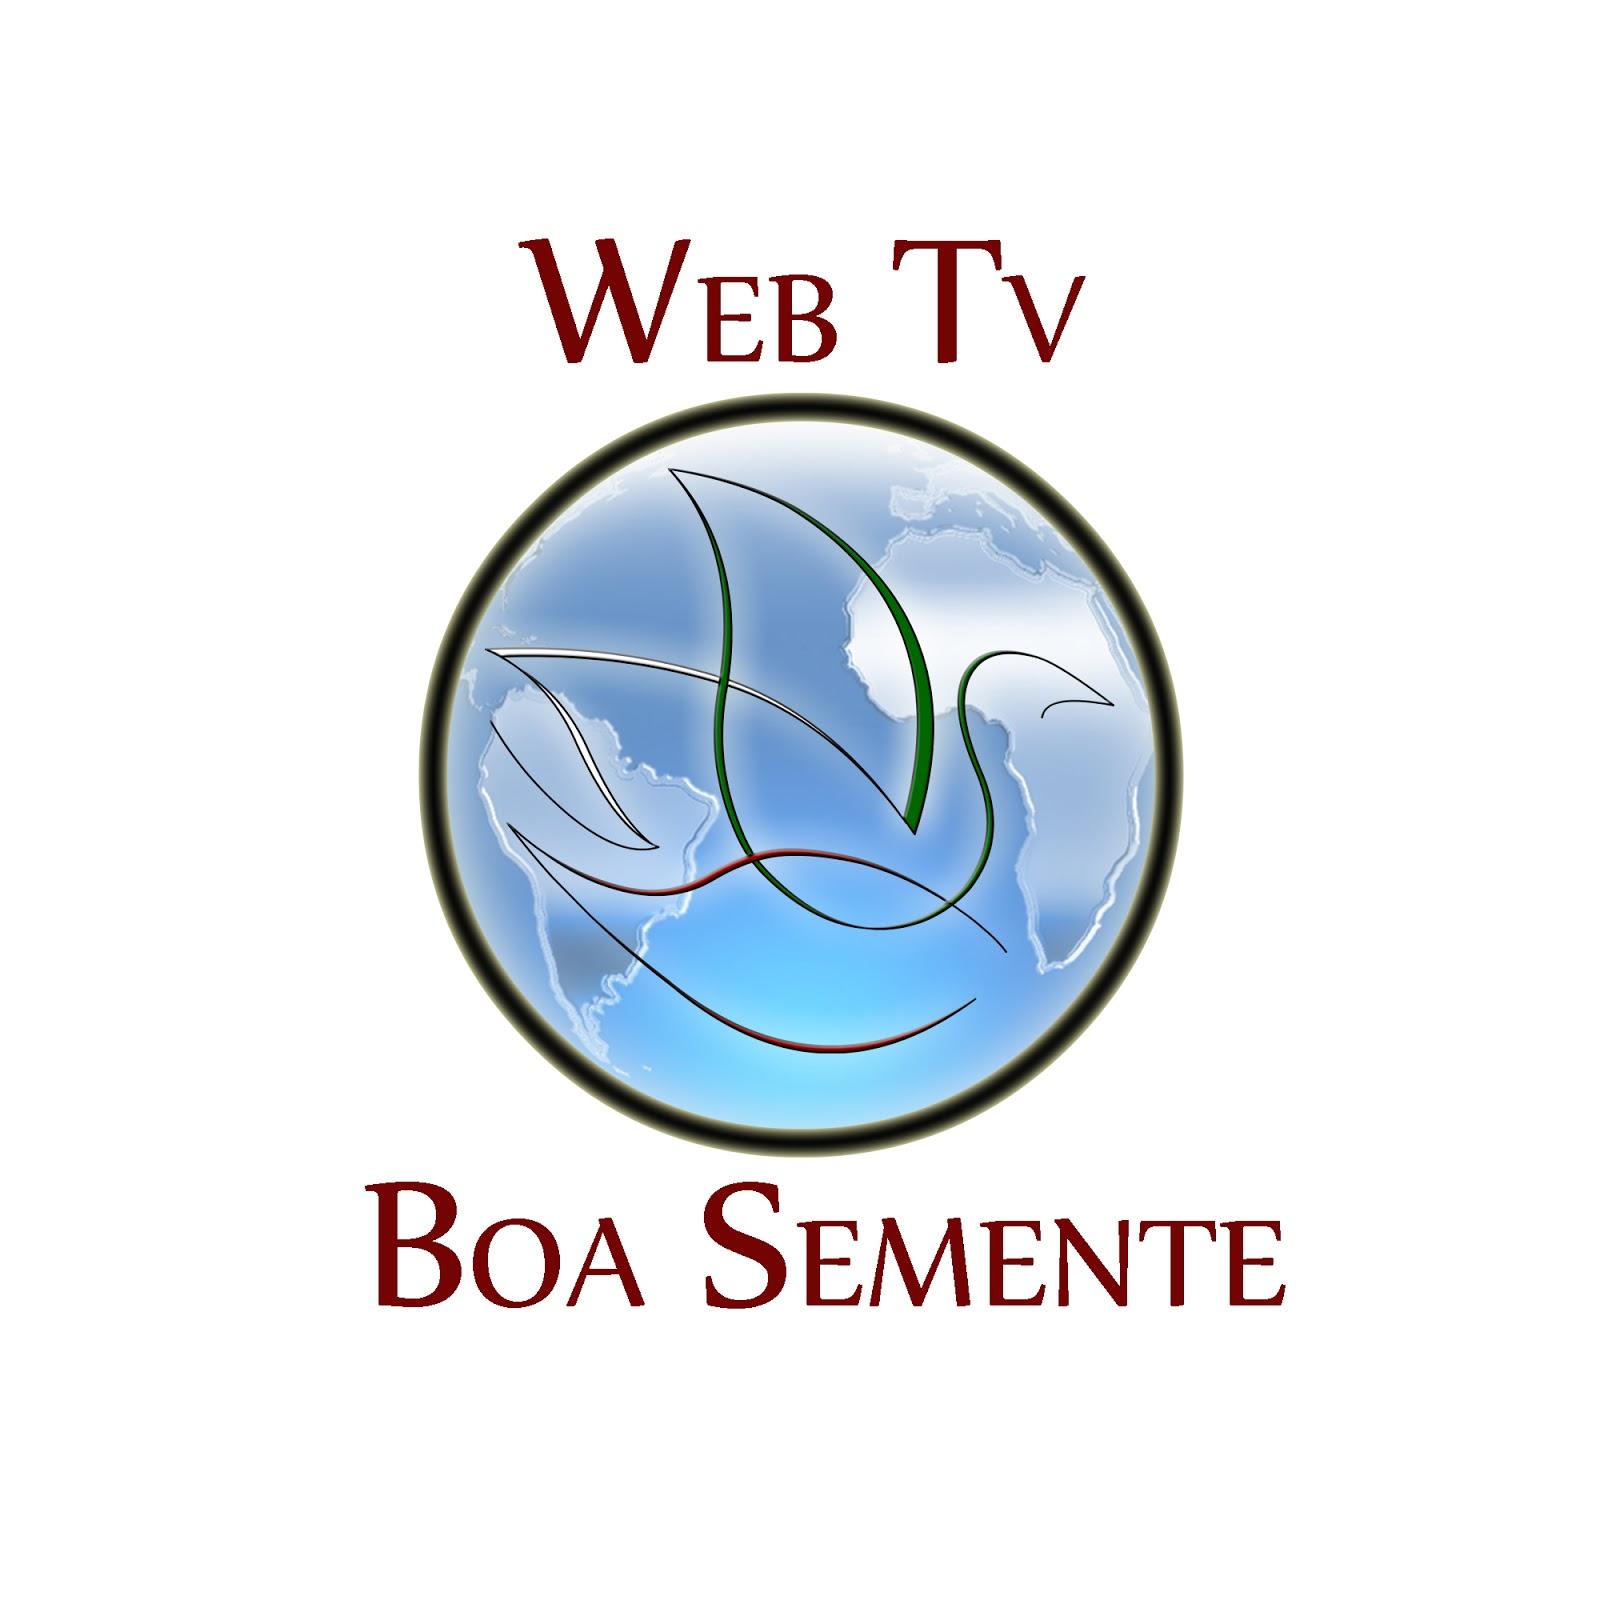 Web TV Boa Semente